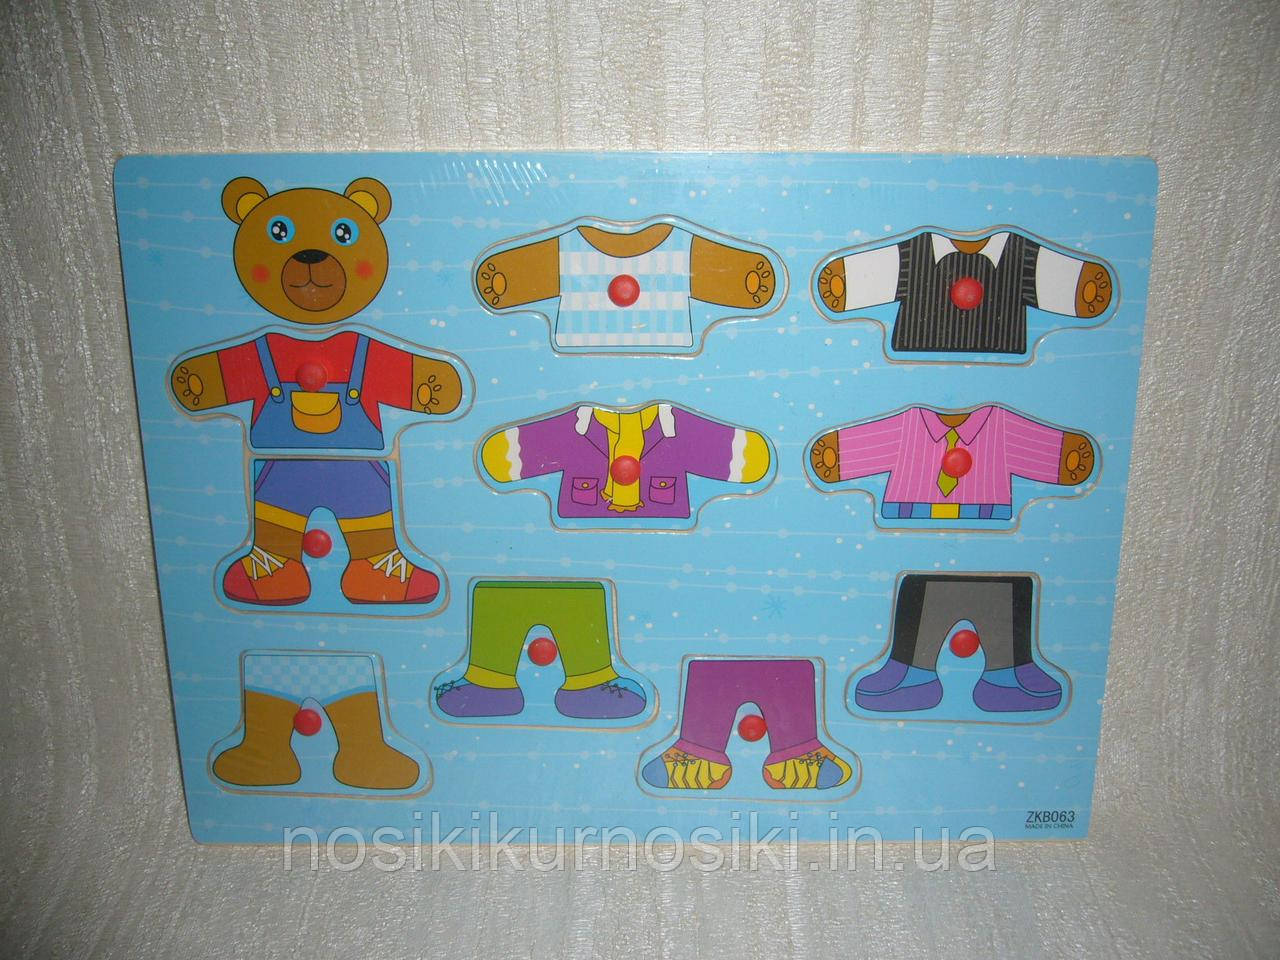 Деревянные игрушки рамка вкладыш гардероб мишки